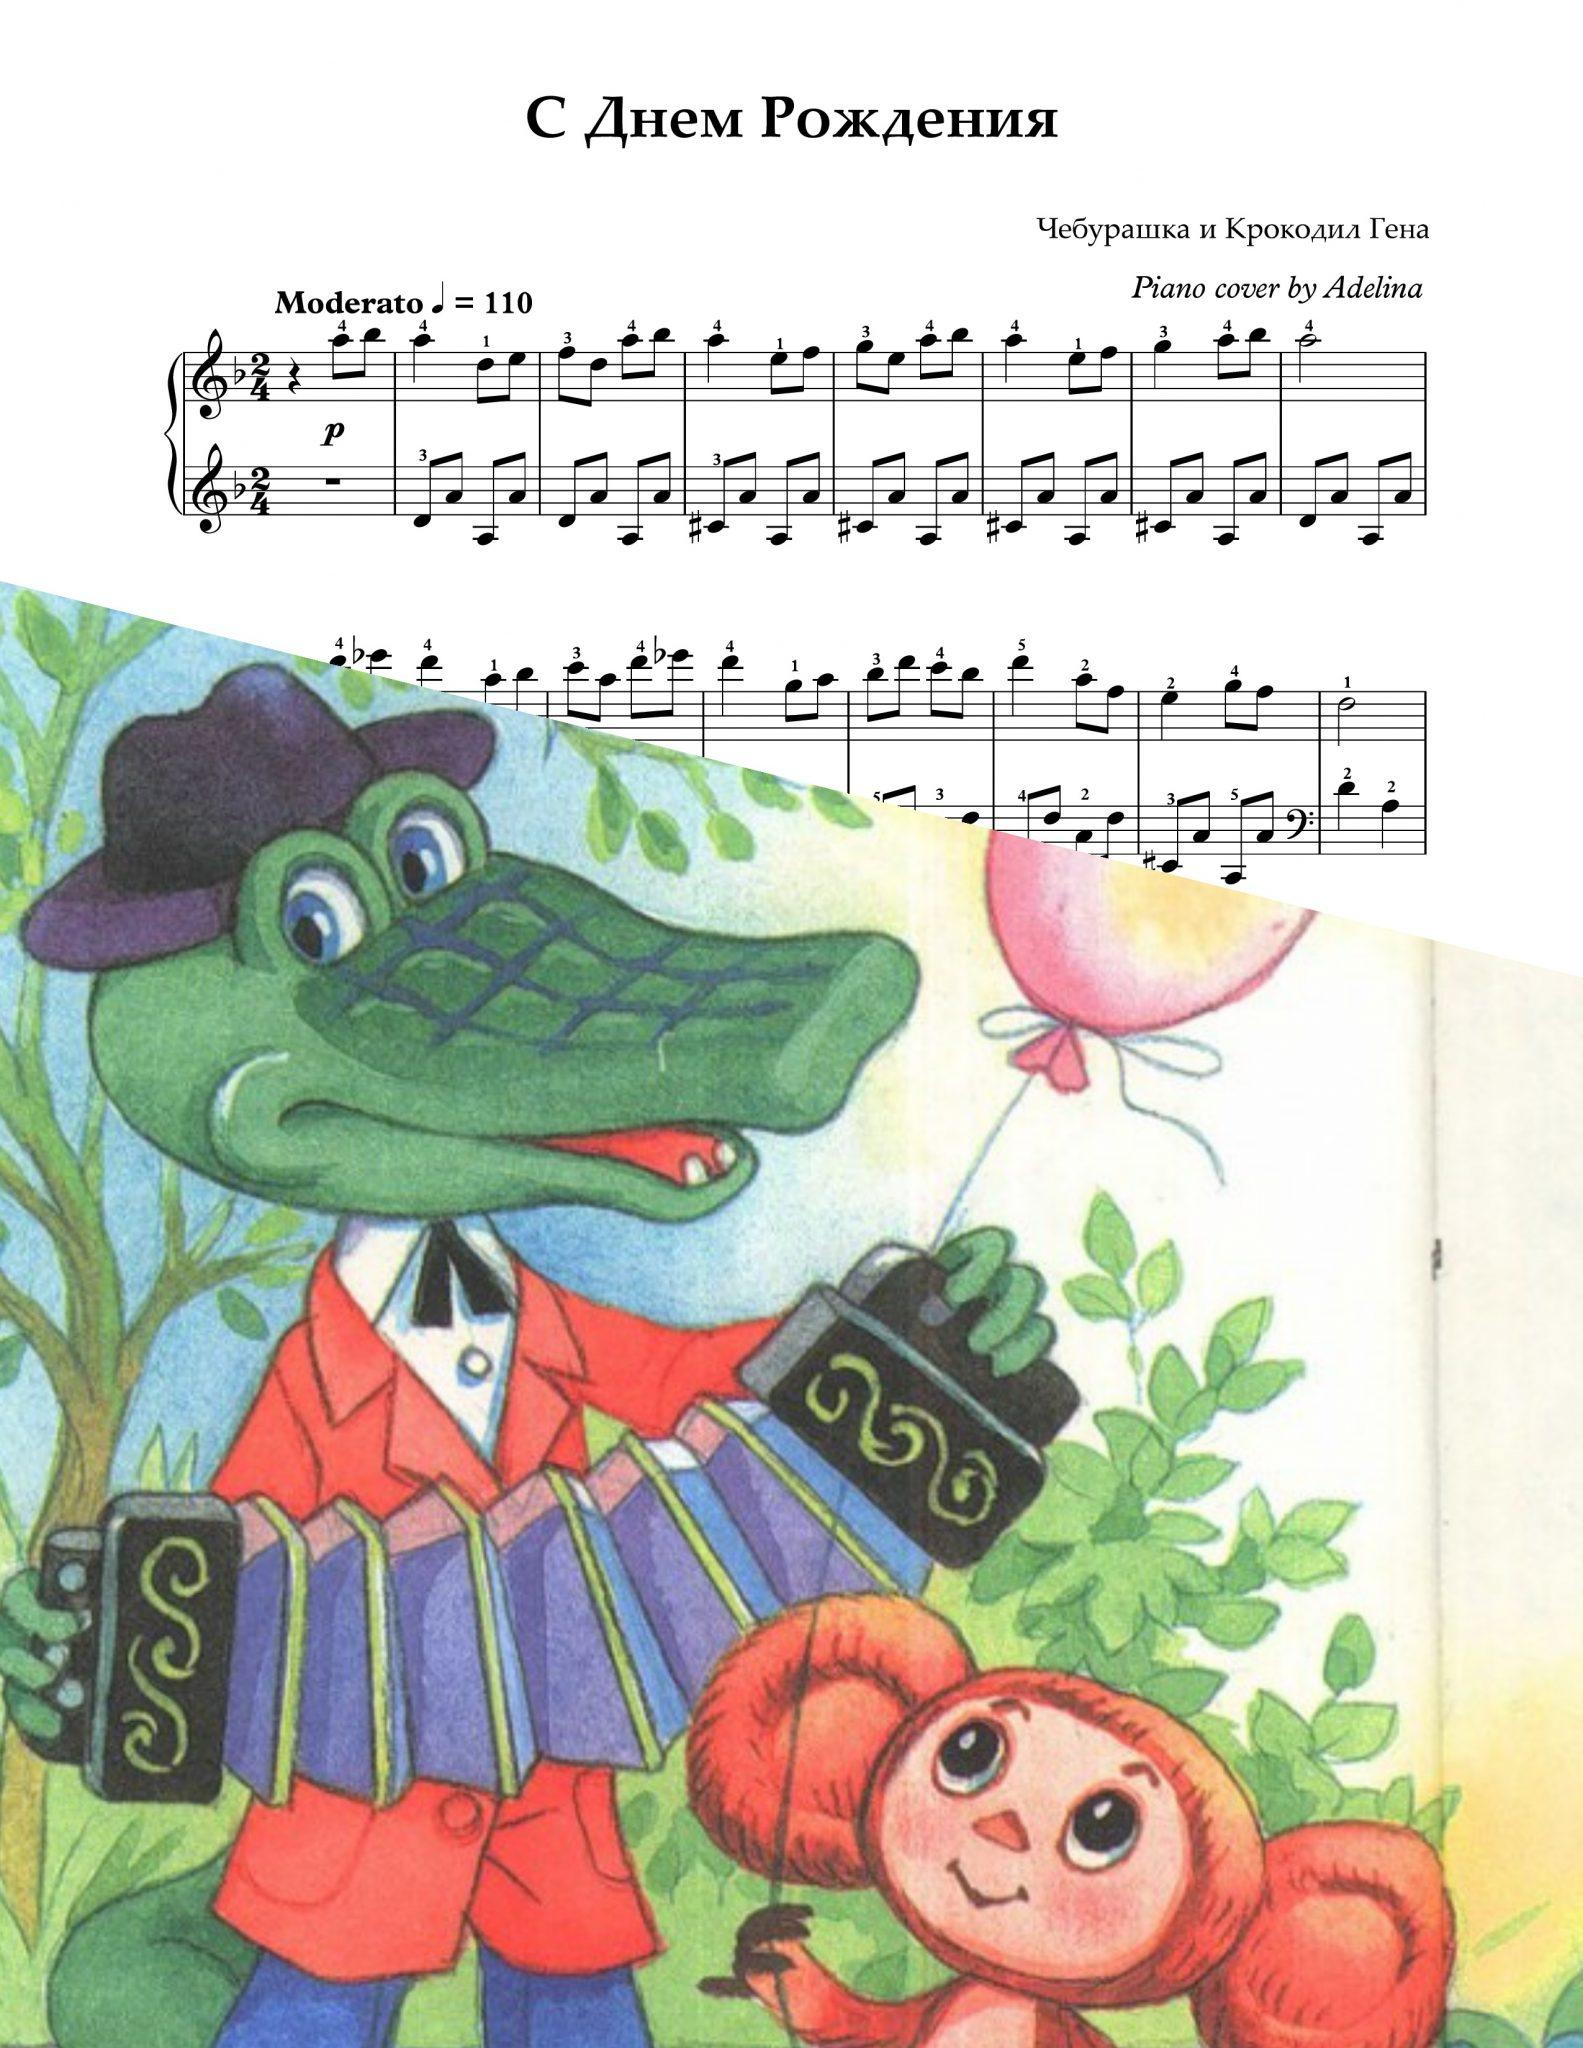 Поздравления с днем рождения от крокодила гены